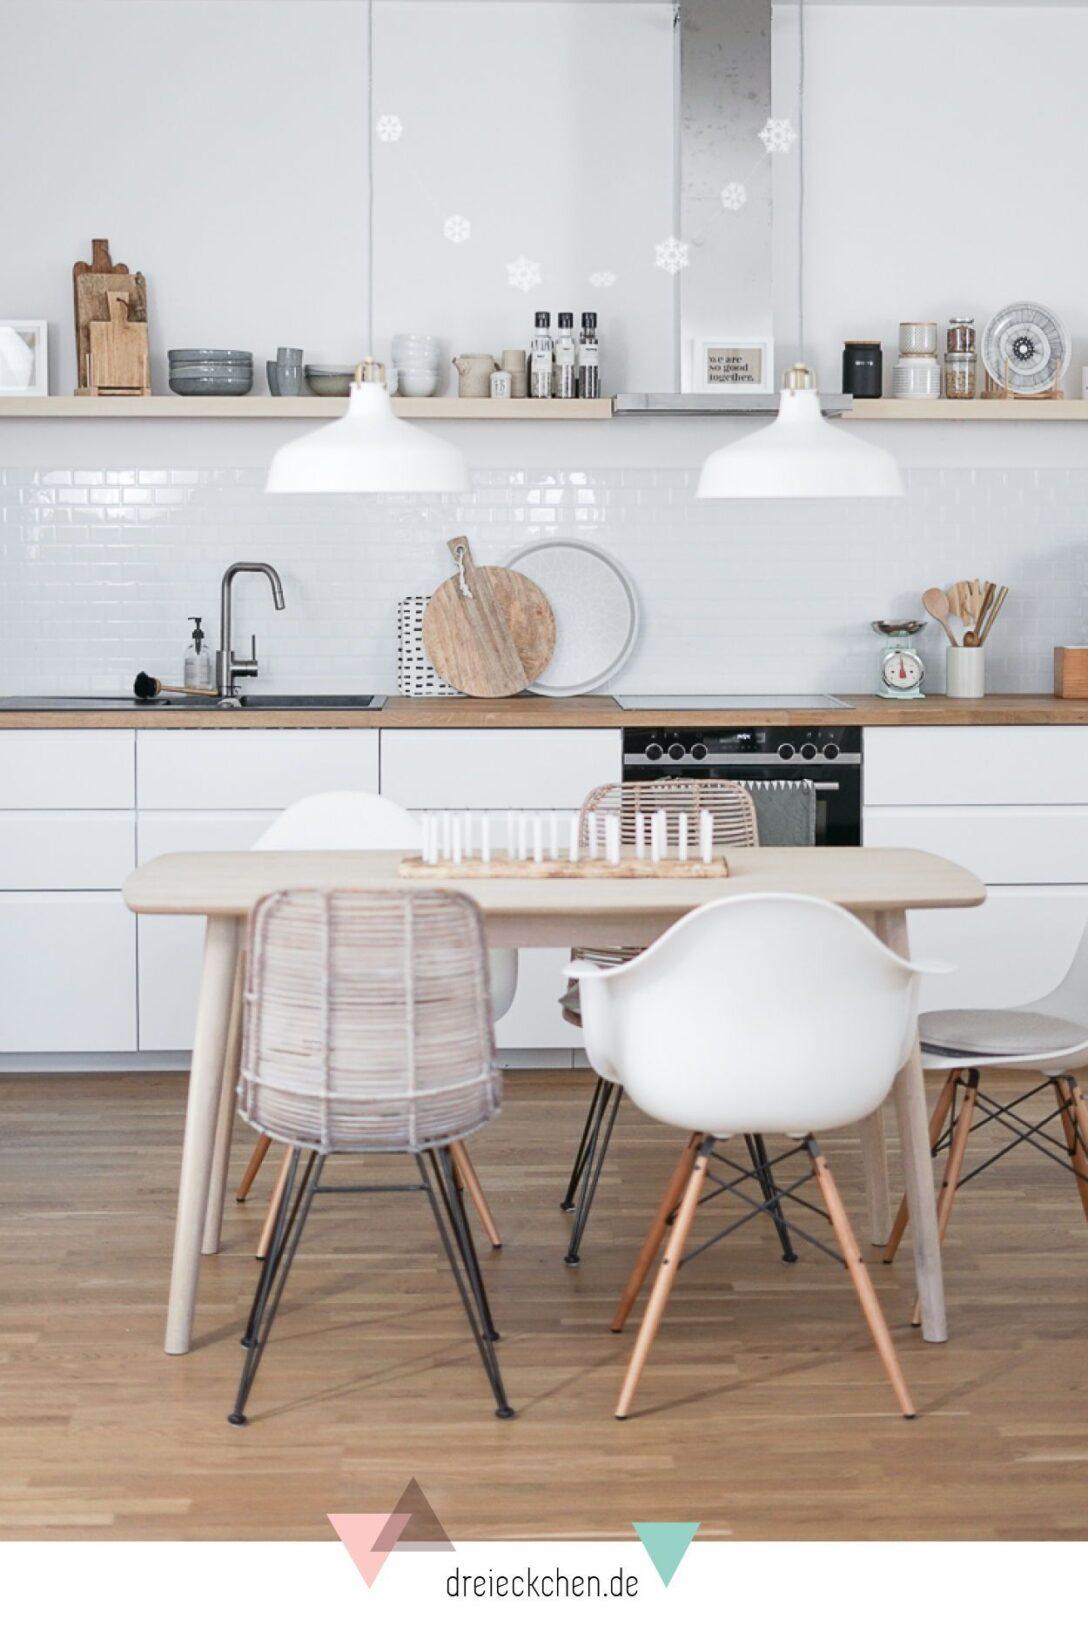 Large Size of Küchenrückwände Ikea Sofa Mit Schlaffunktion Miniküche Betten Bei Modulküche Küche Kaufen Kosten 160x200 Wohnzimmer Küchenrückwände Ikea